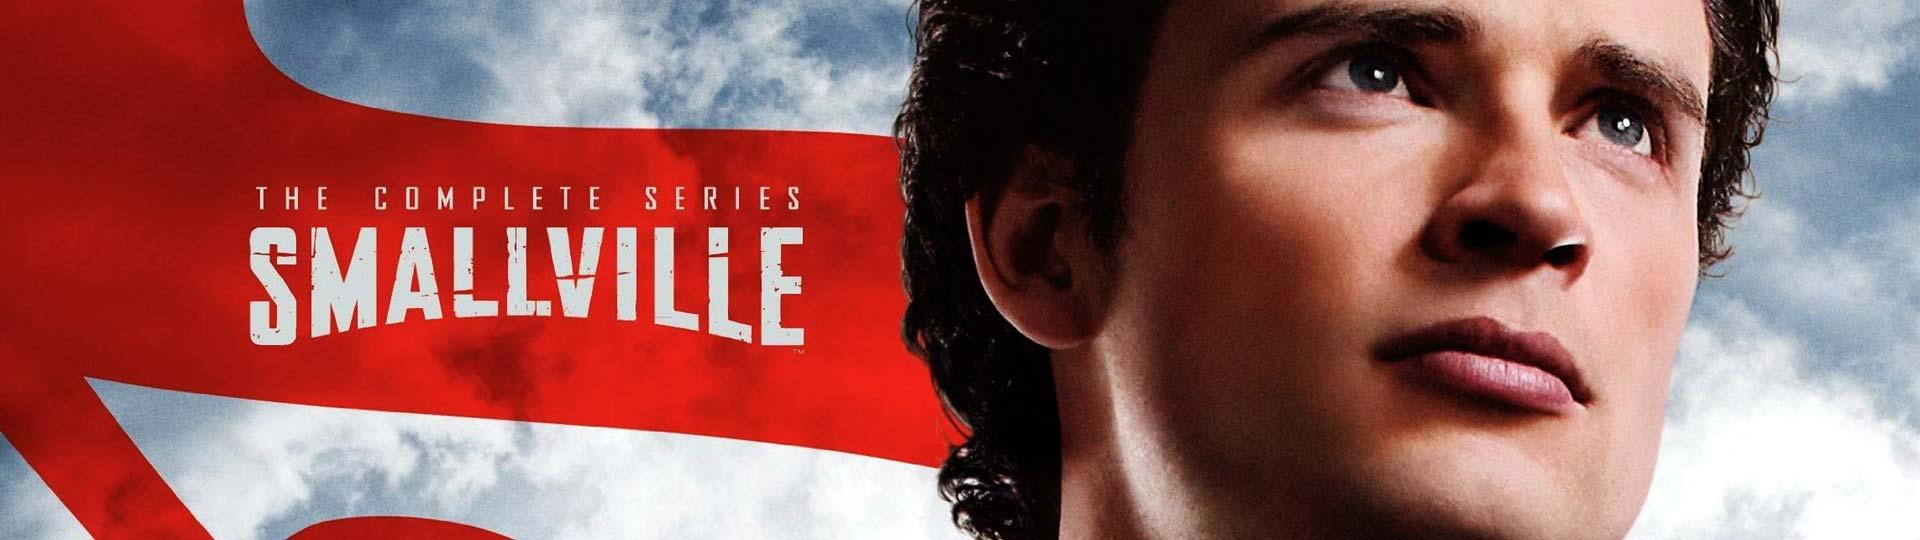 Smallville Season Villains Season 2 of Smallville Was